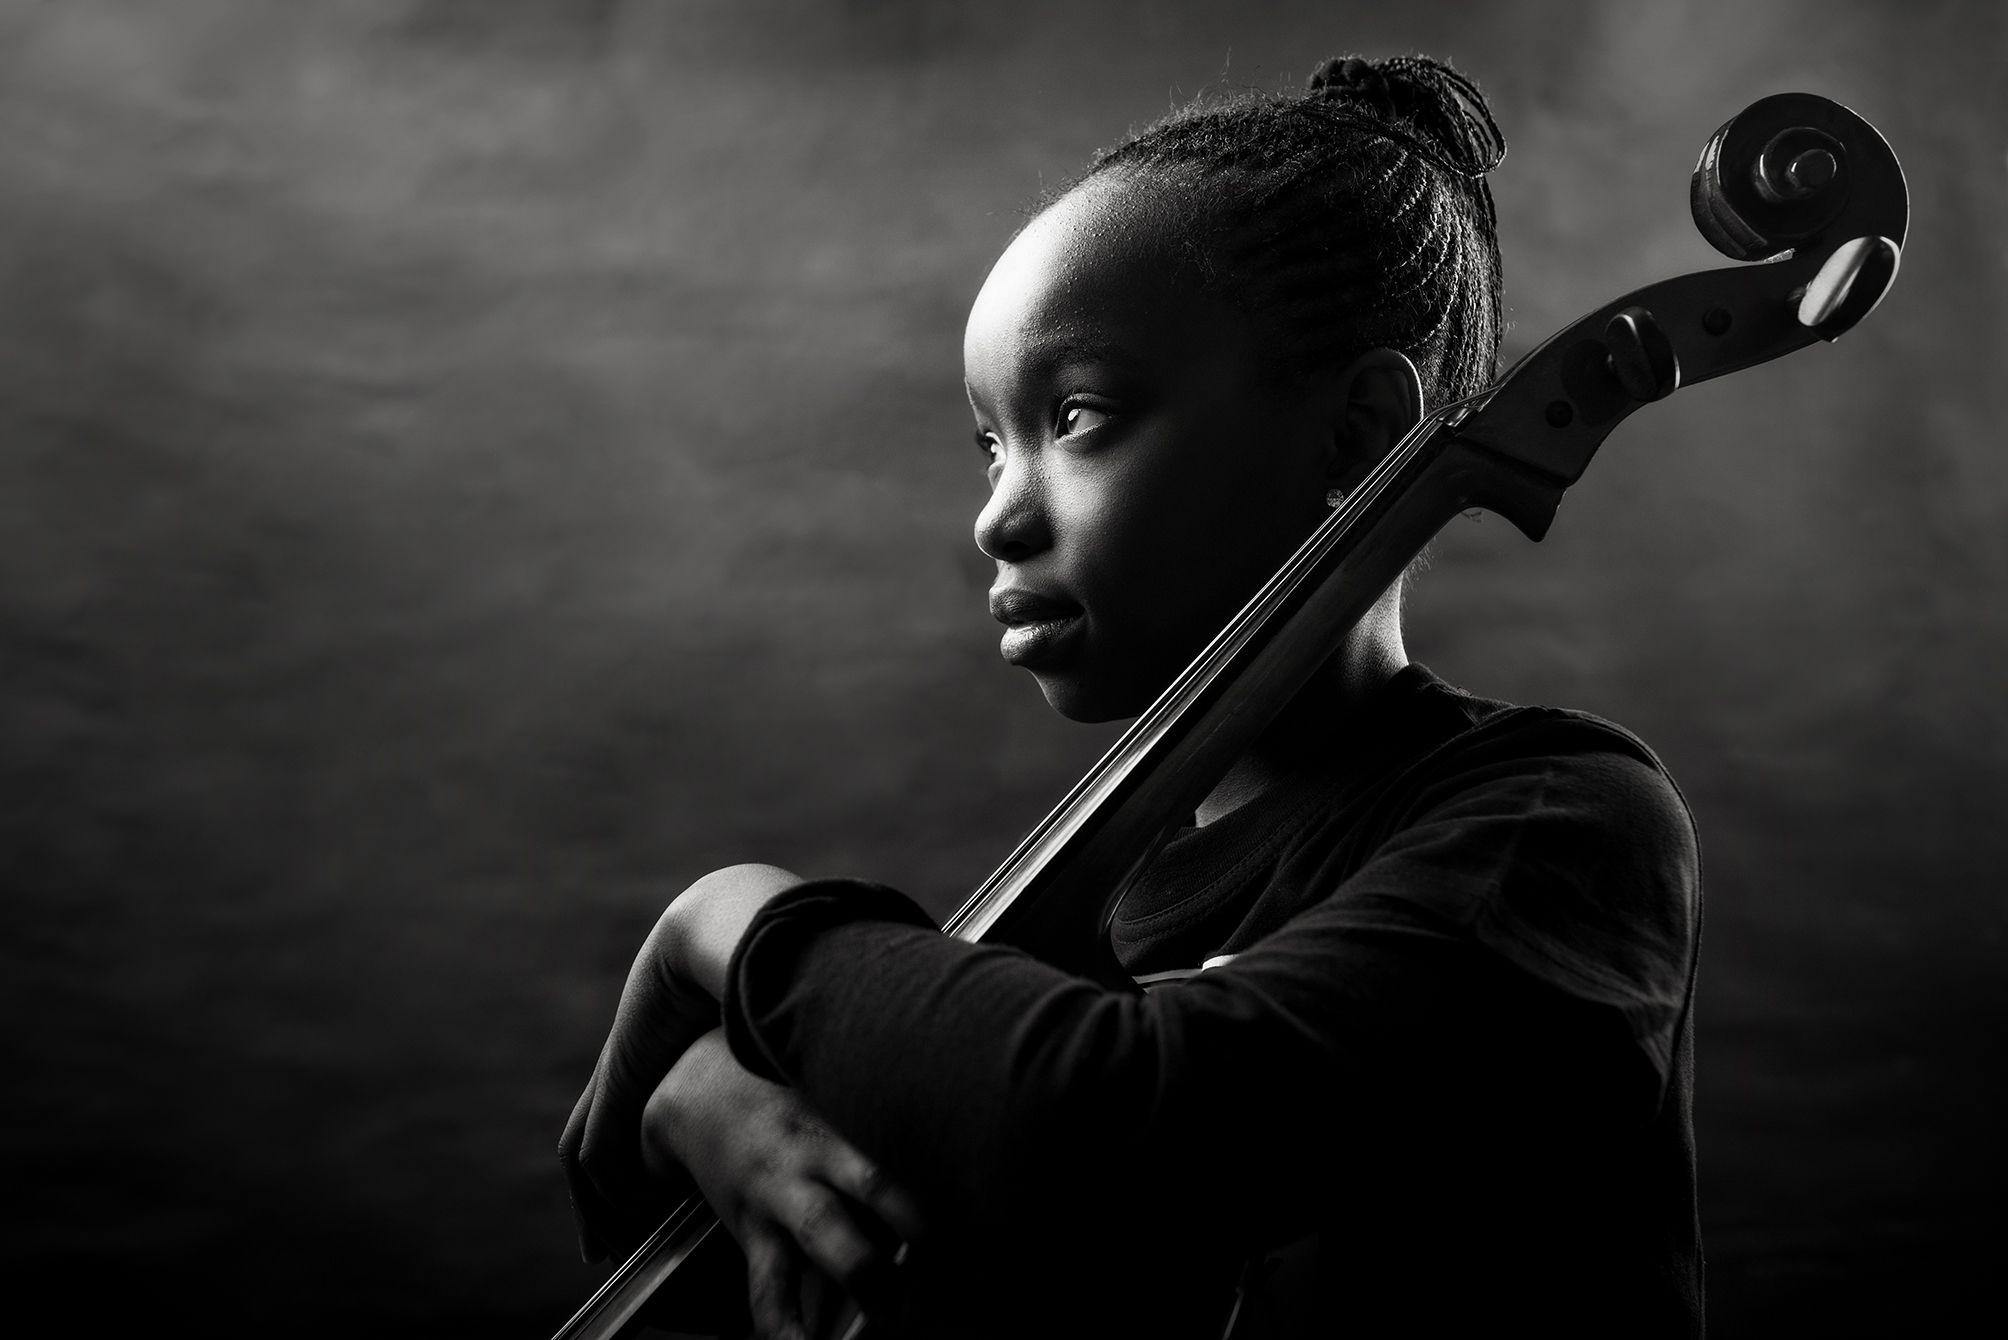 Jovem violoncelista segura o instrumento